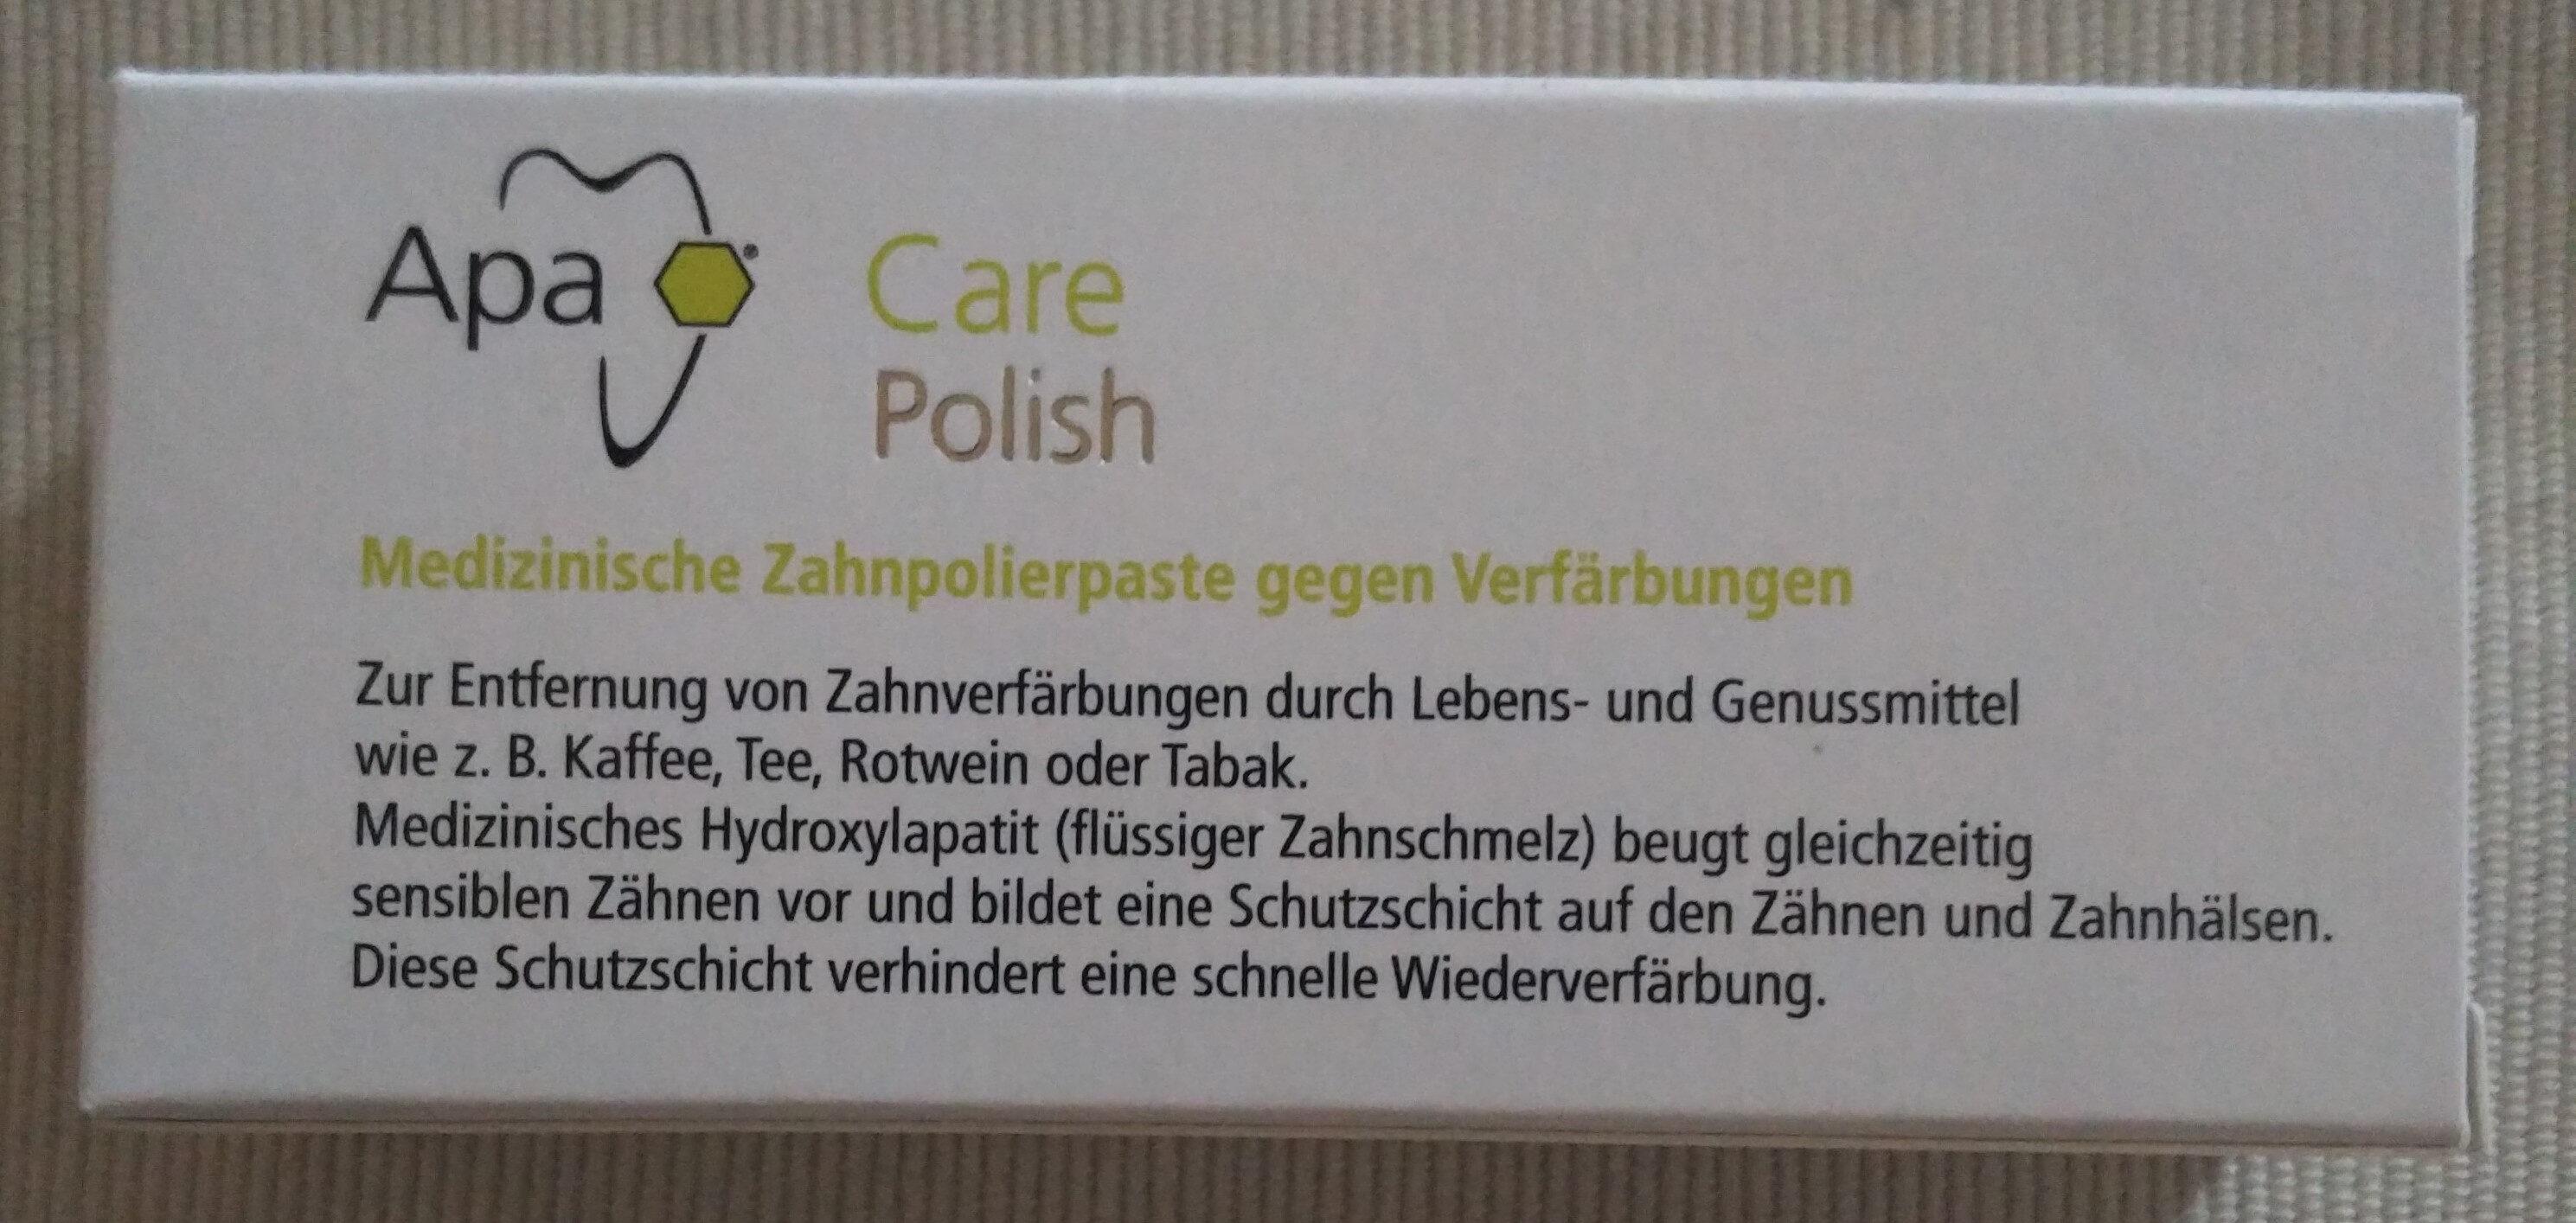 Care Polish (Flüssiger Zahnschmelz) - Product - en